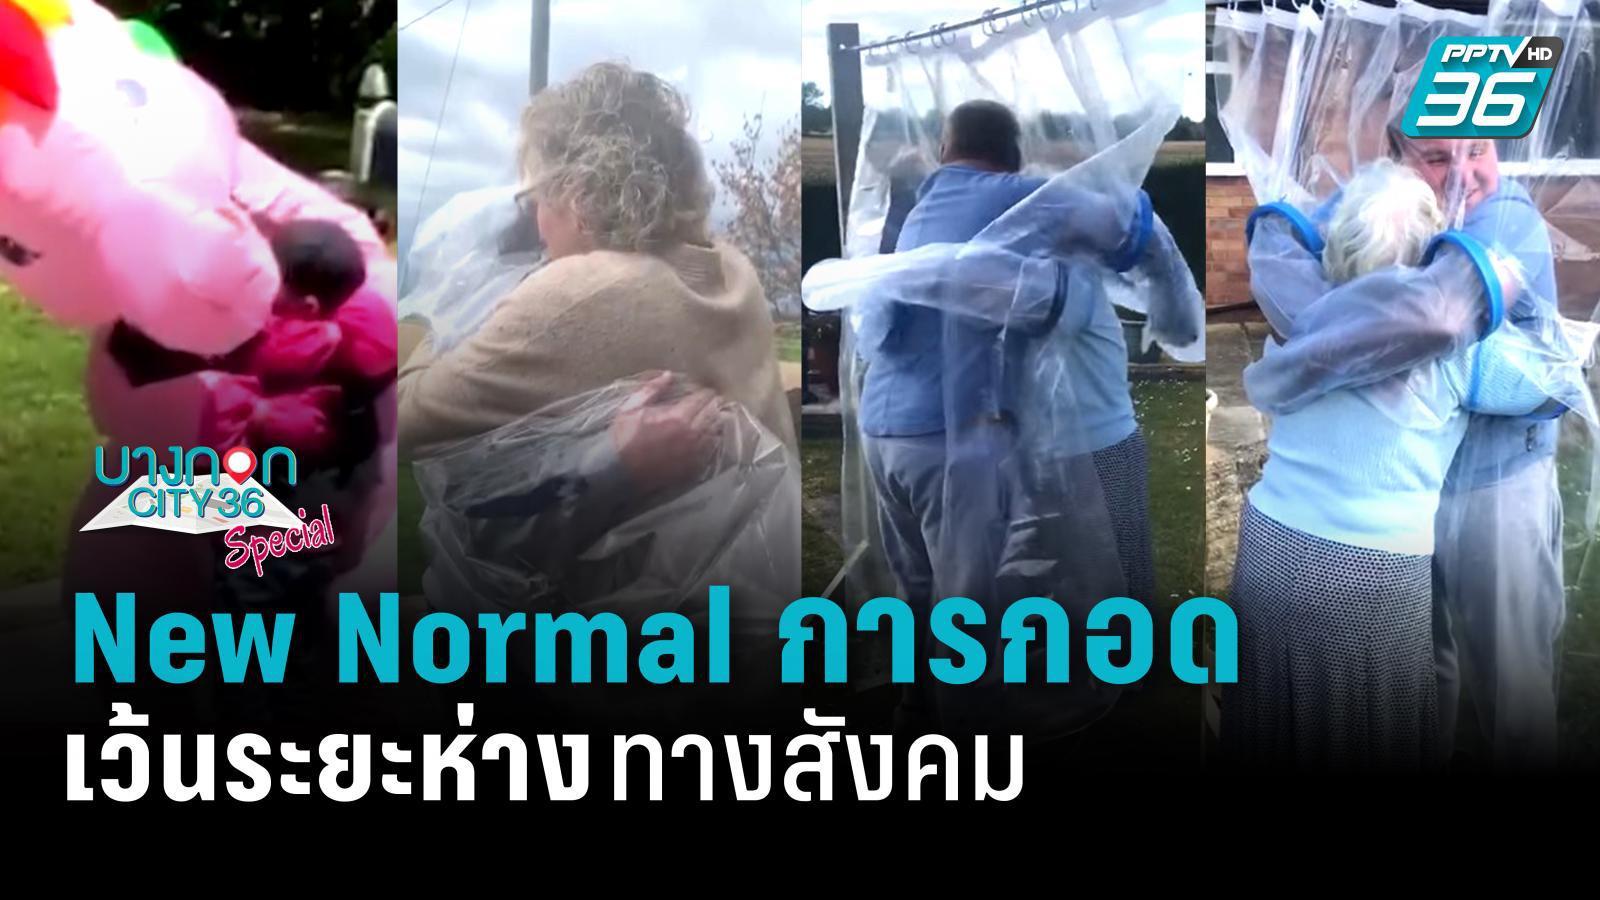 New Normal การกอดแบบเว้นระยะห่างทางสังคม